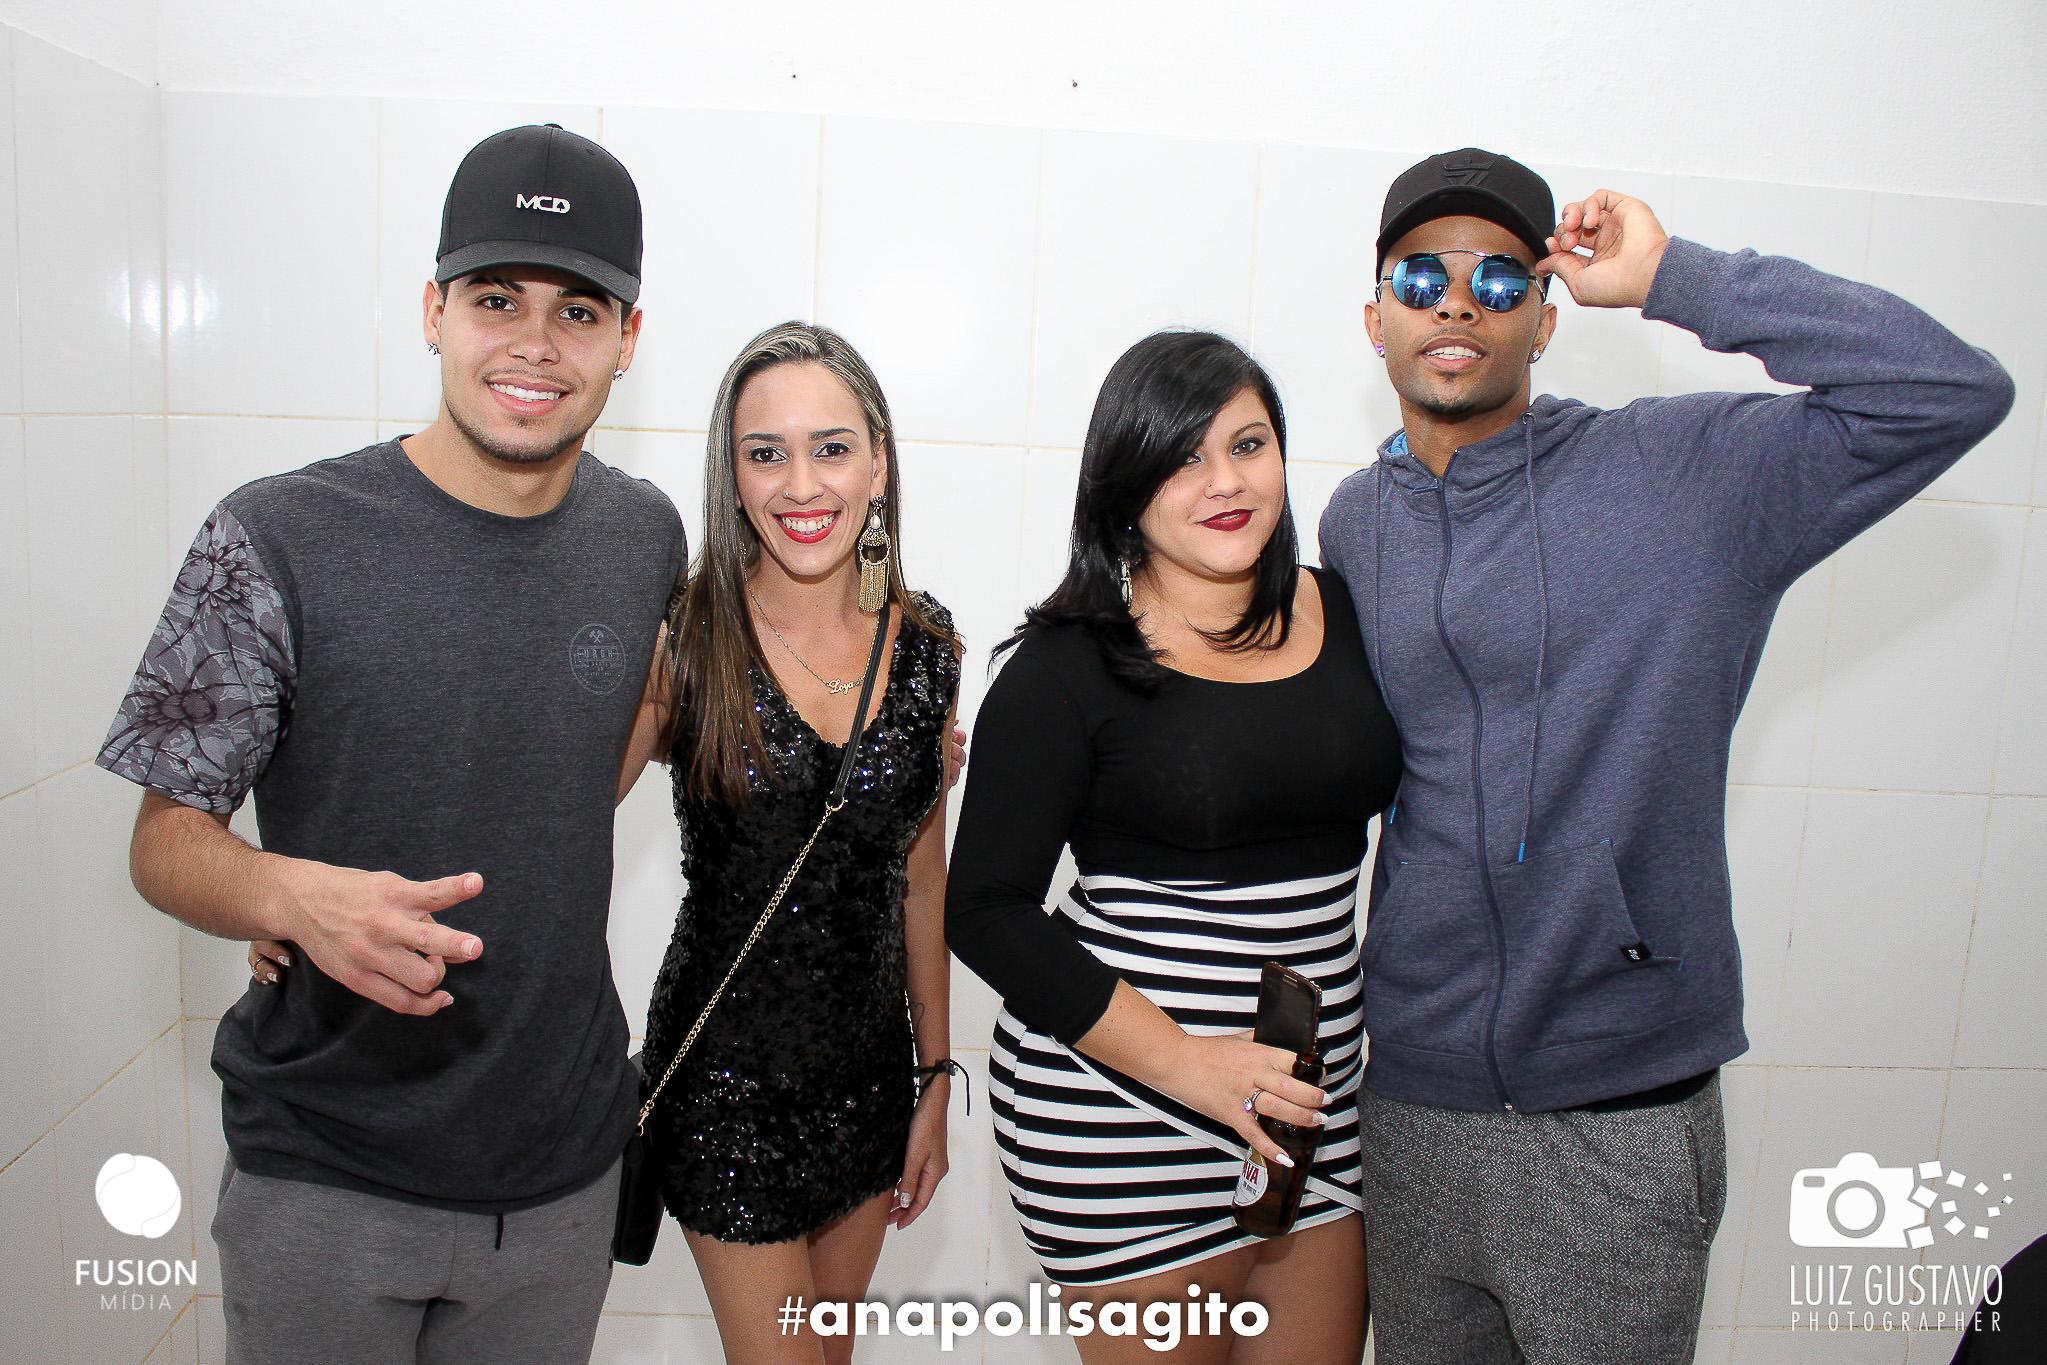 Luiz Gustavo Photographer (35 de 159)